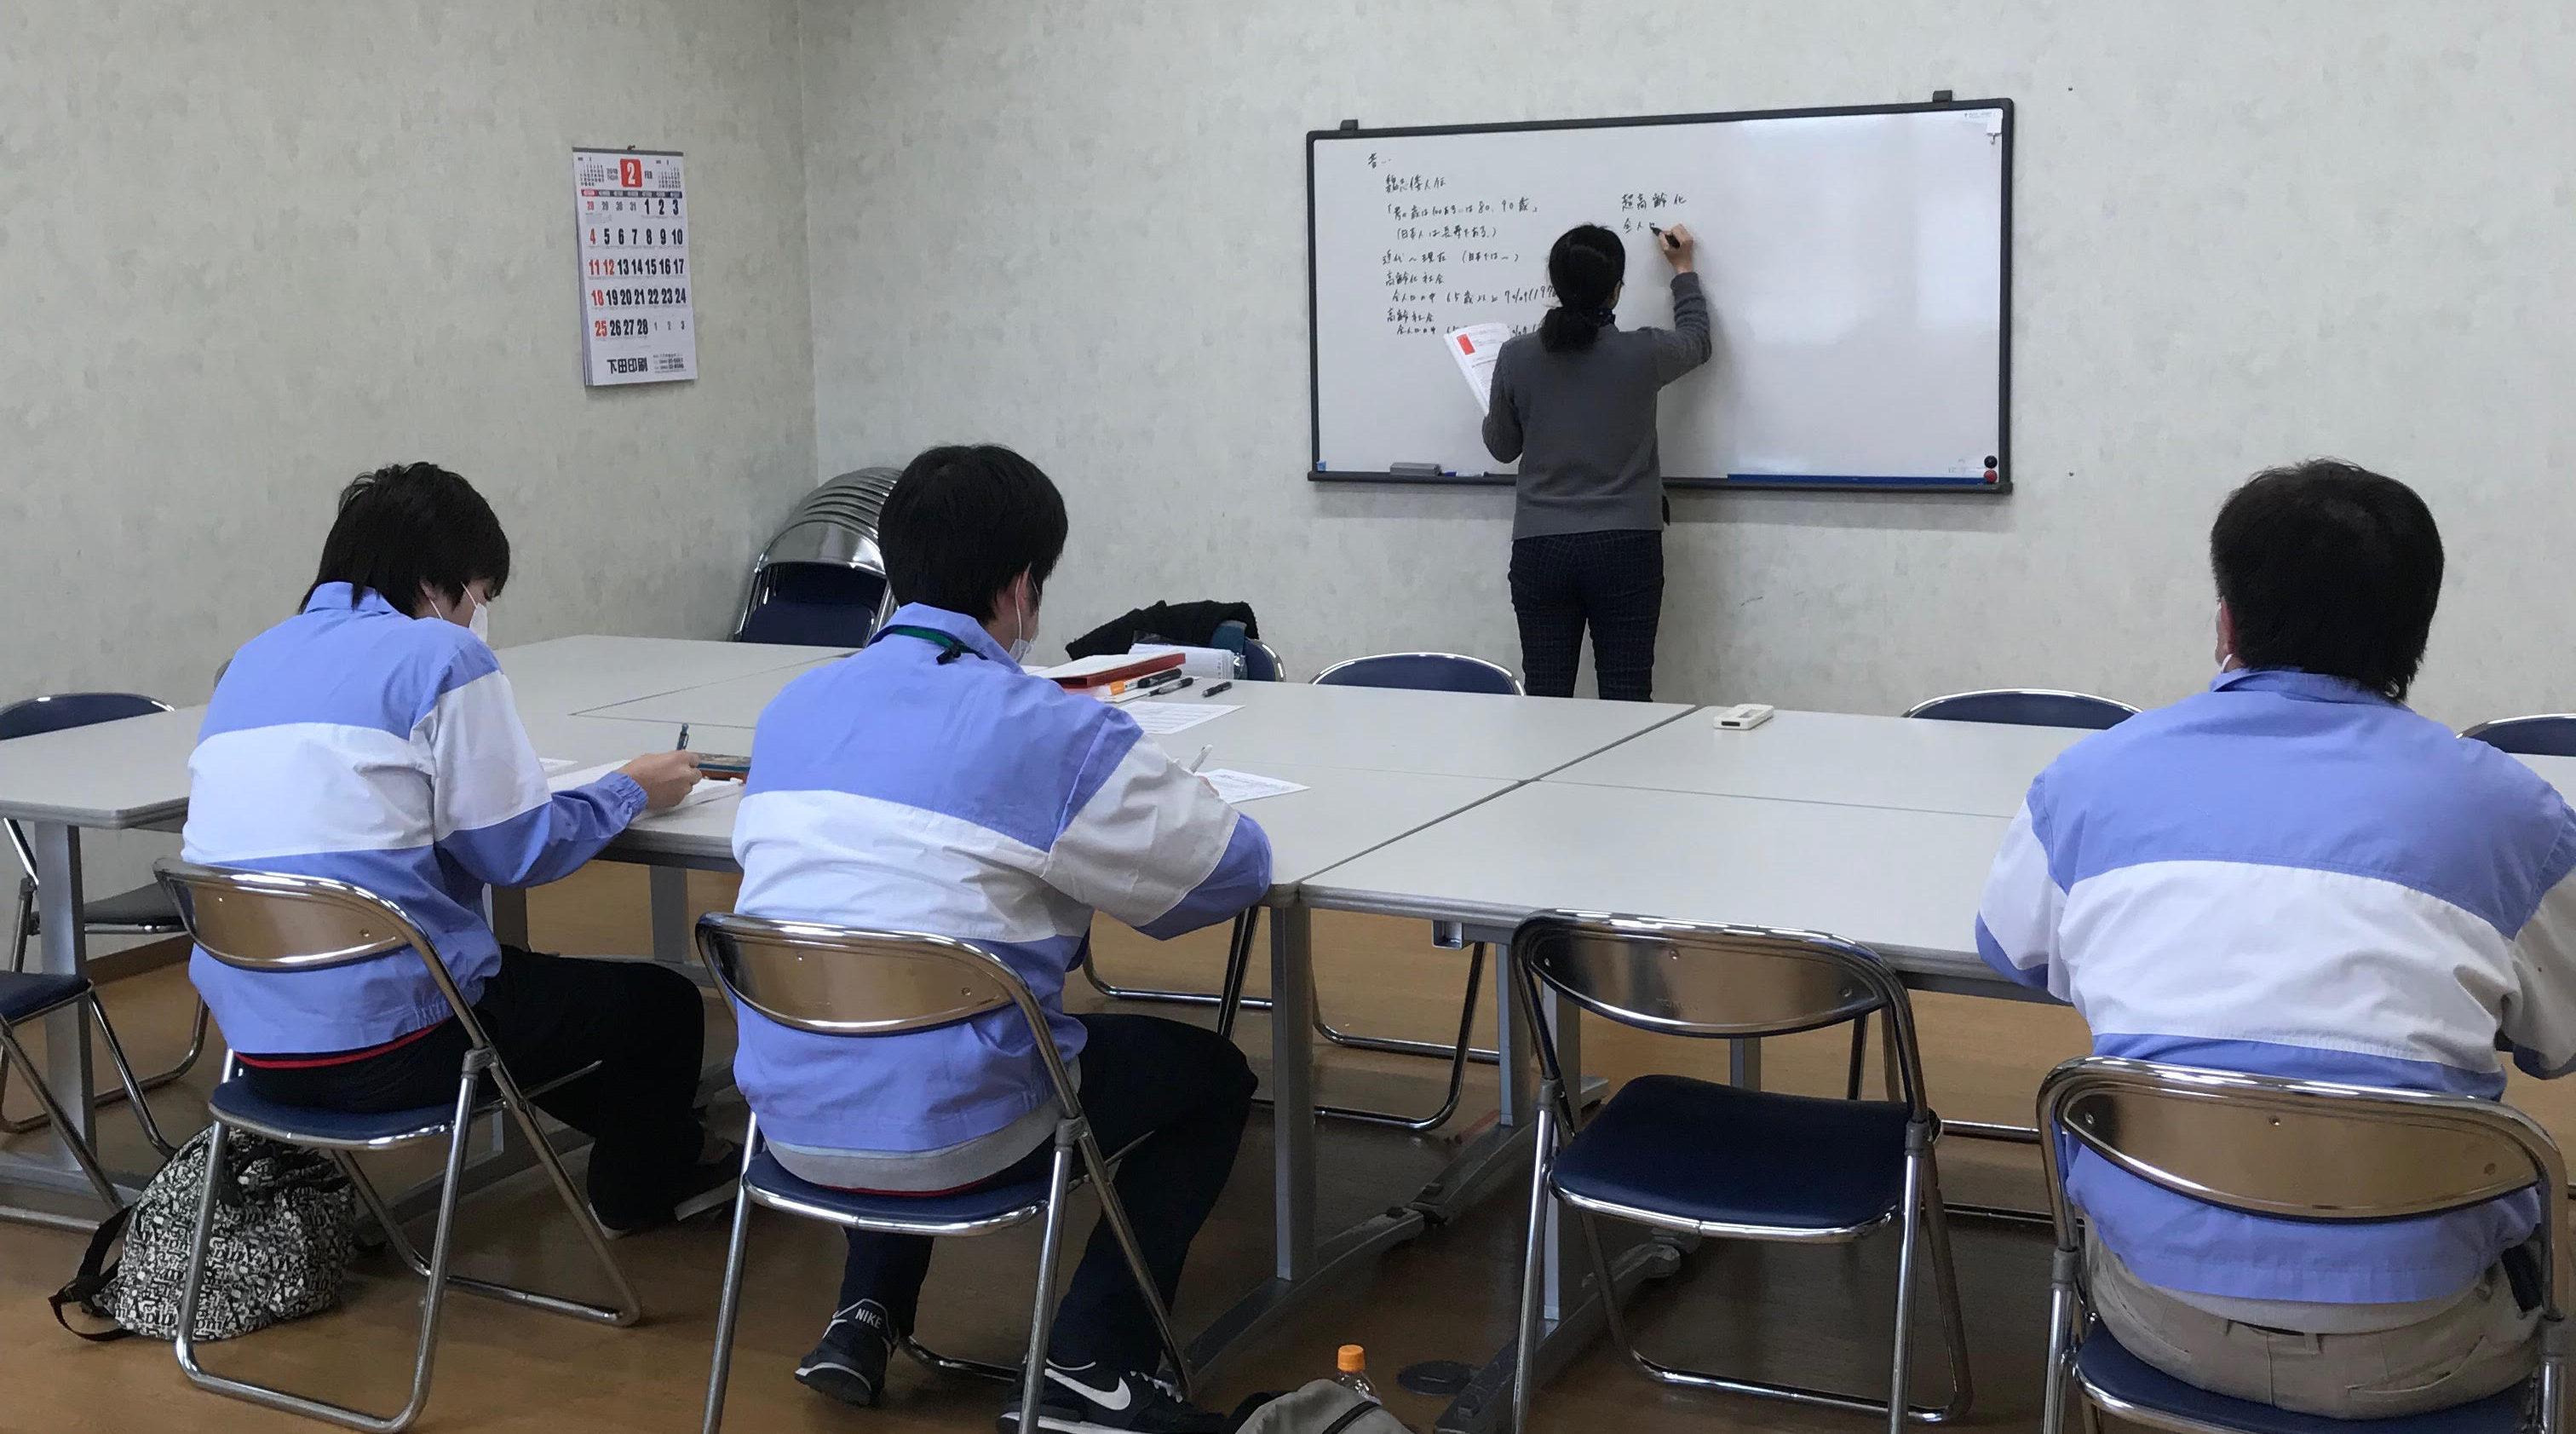 熊本県八代市 特別養護老人ホーム様(7班目)